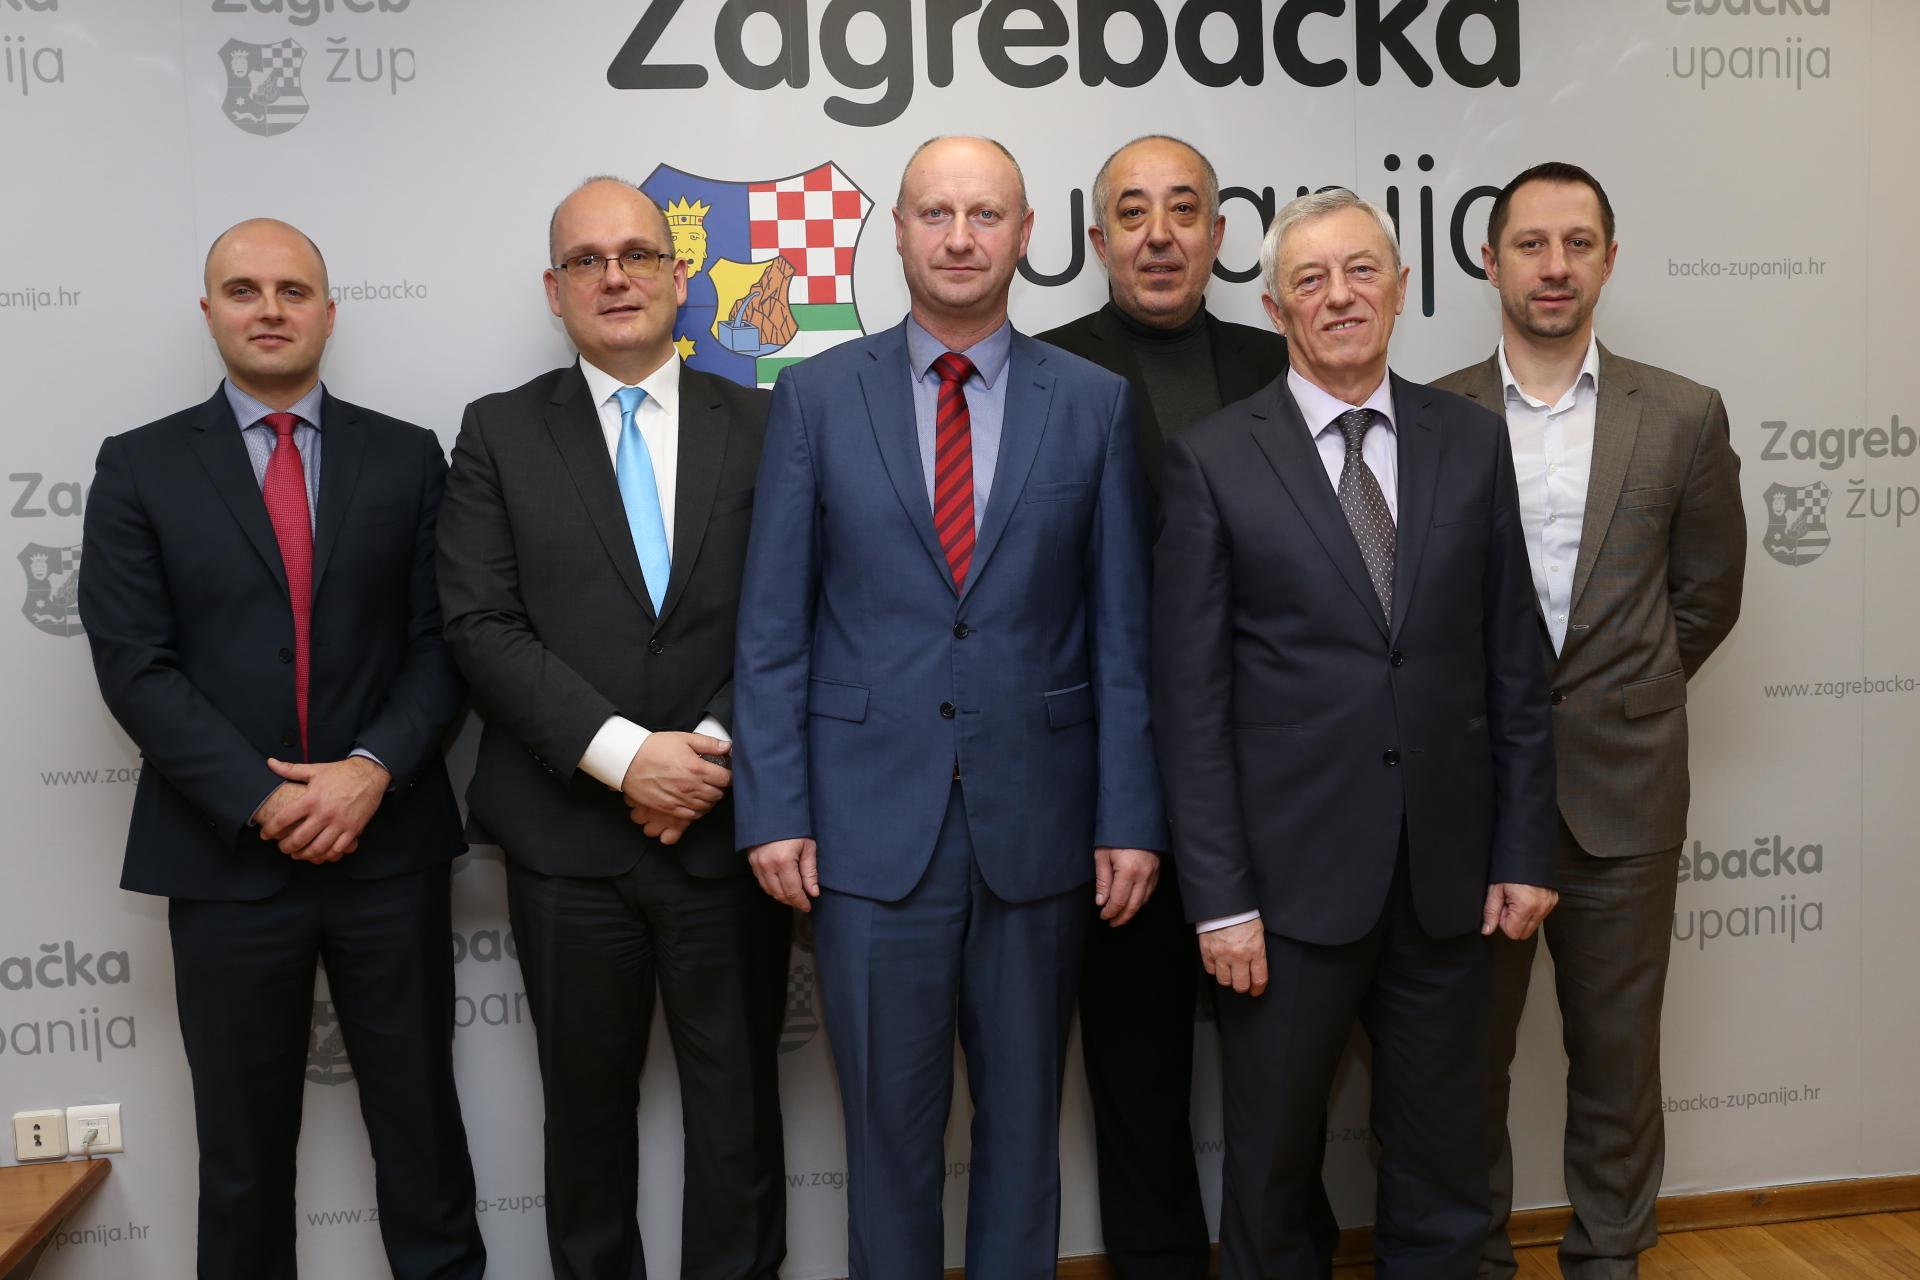 Foto: Zagrebačka županija